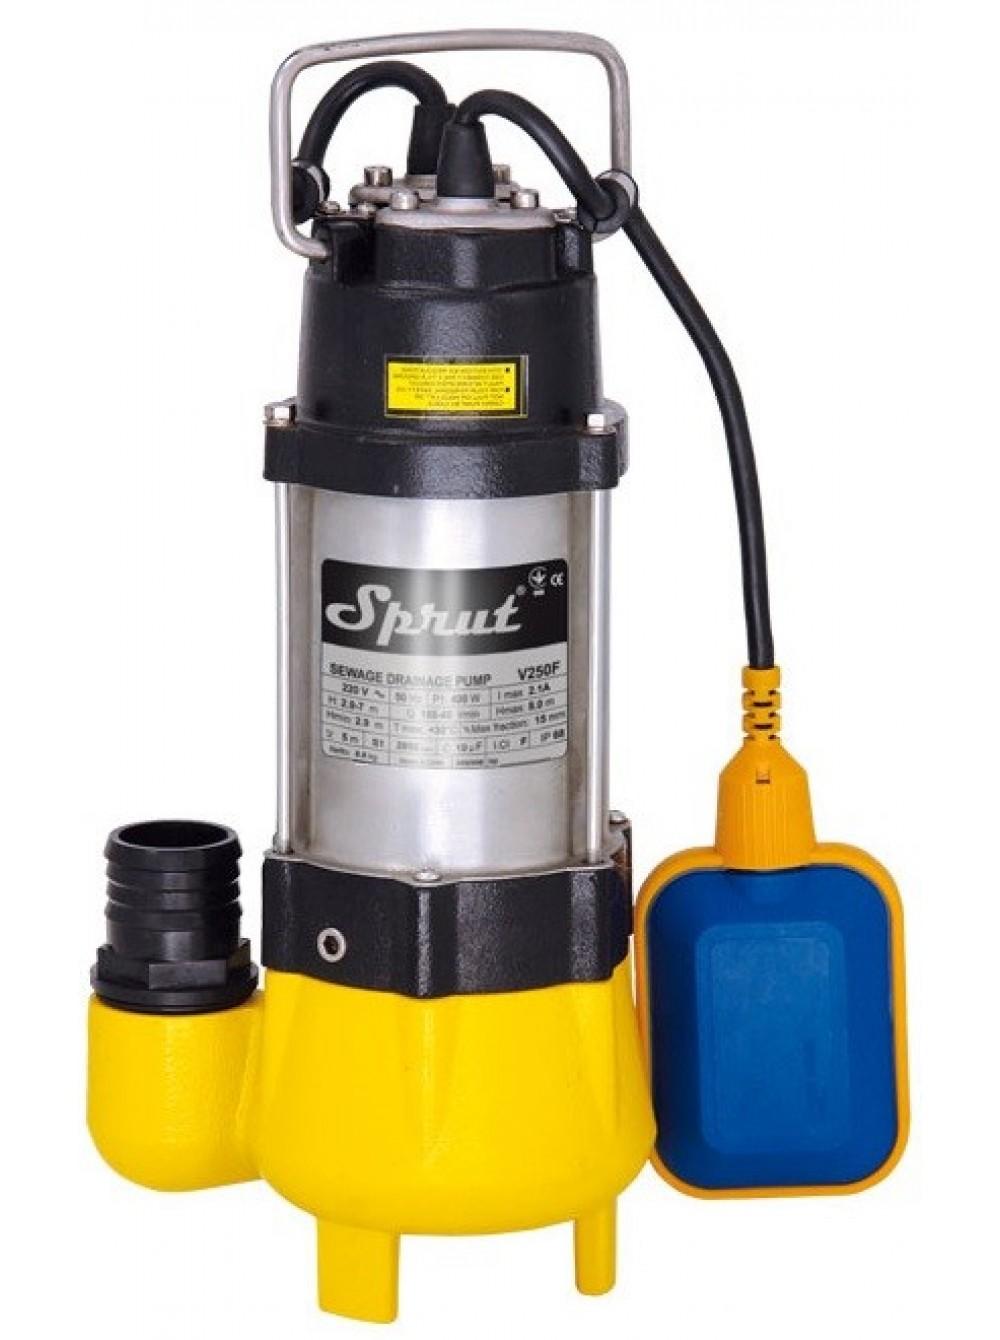 Фекальный насос Sprut V250F цена